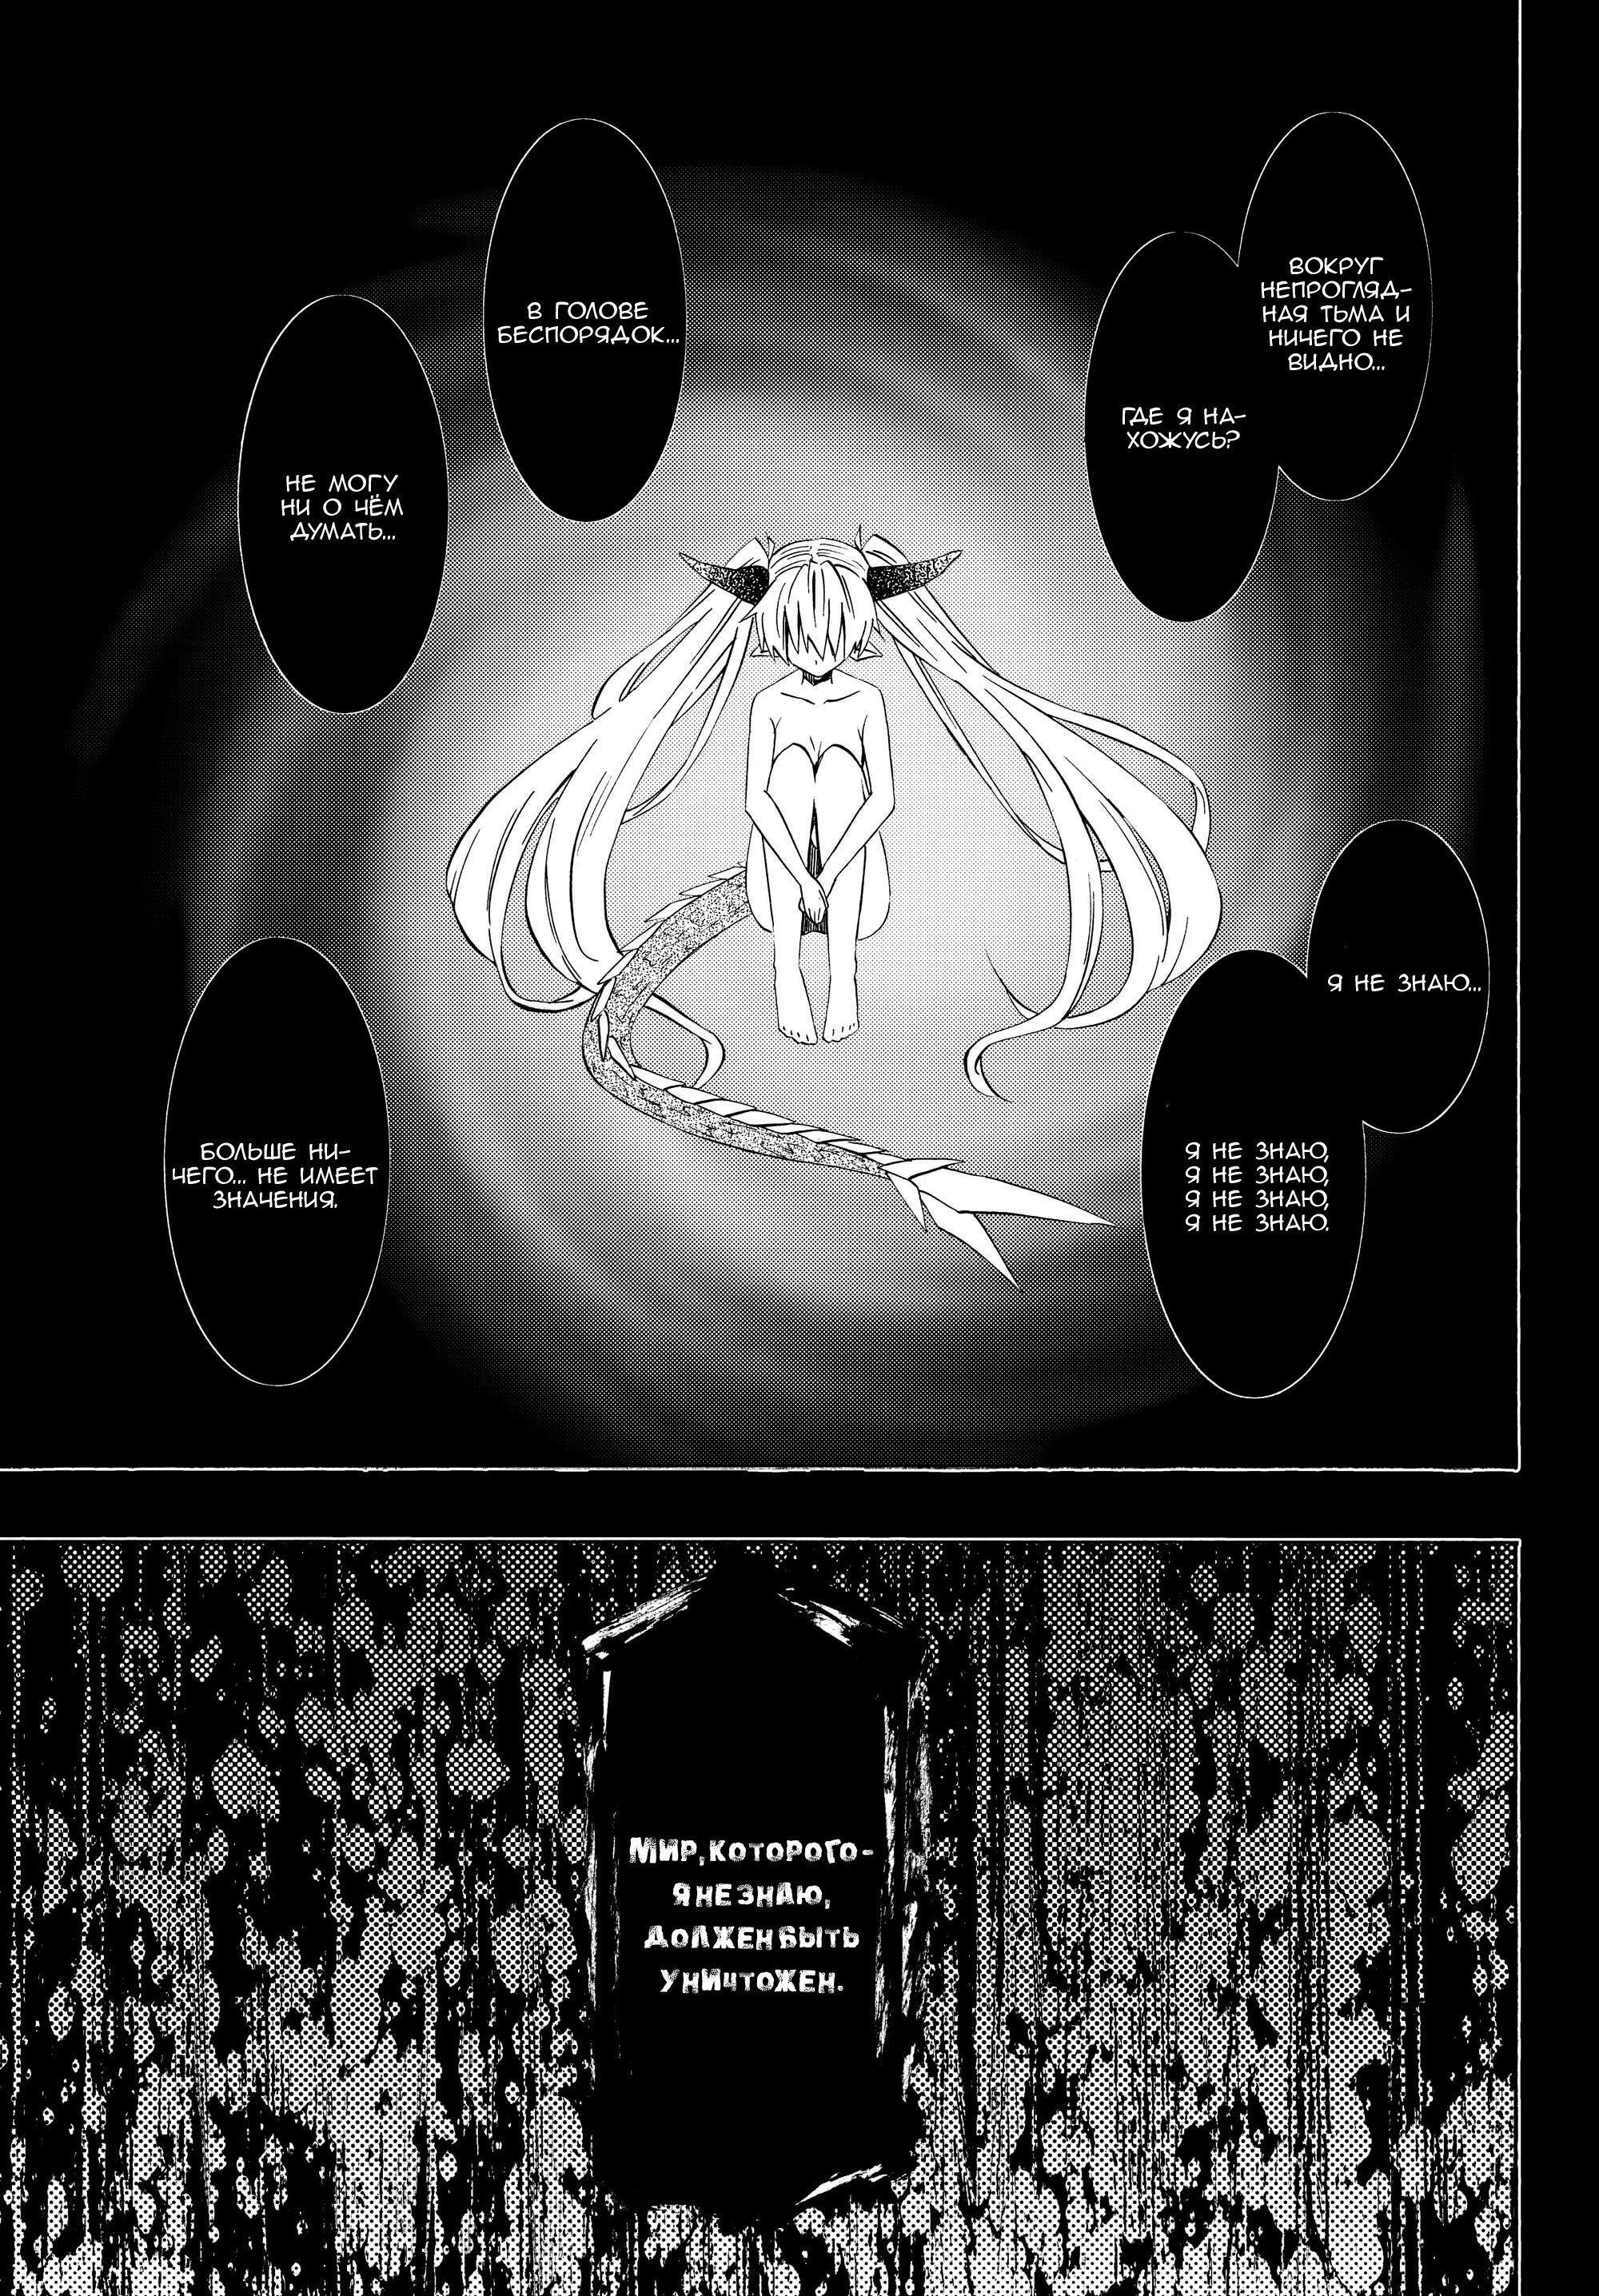 Манга История о повелителе тьмы из другого мира и магии порабощения - Глава 73 Страница 1